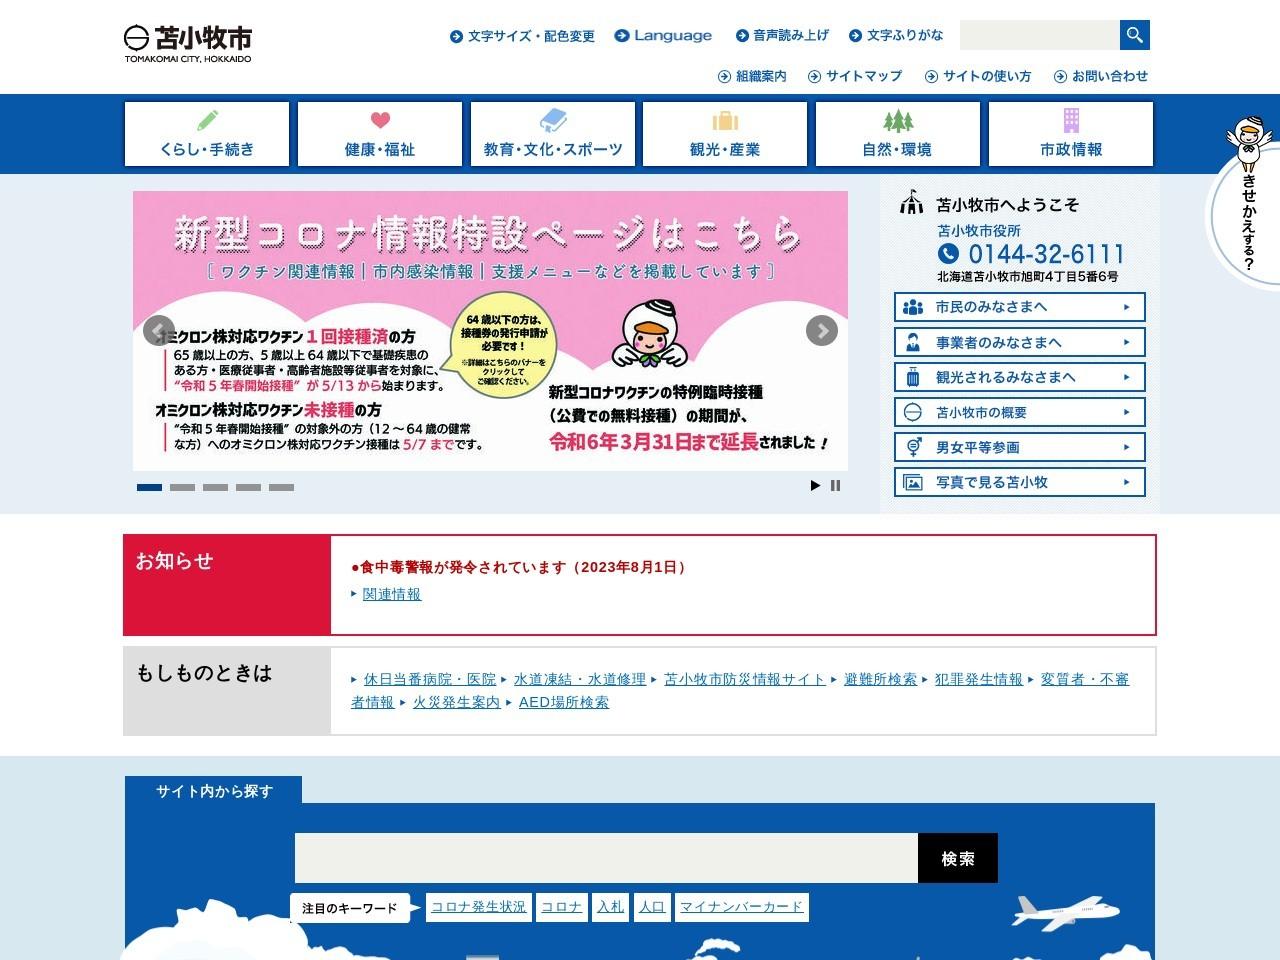 http://www.city.tomakomai.hokkaido.jp/kurashi/jumin/toroku/bangoseido/menkyo.html